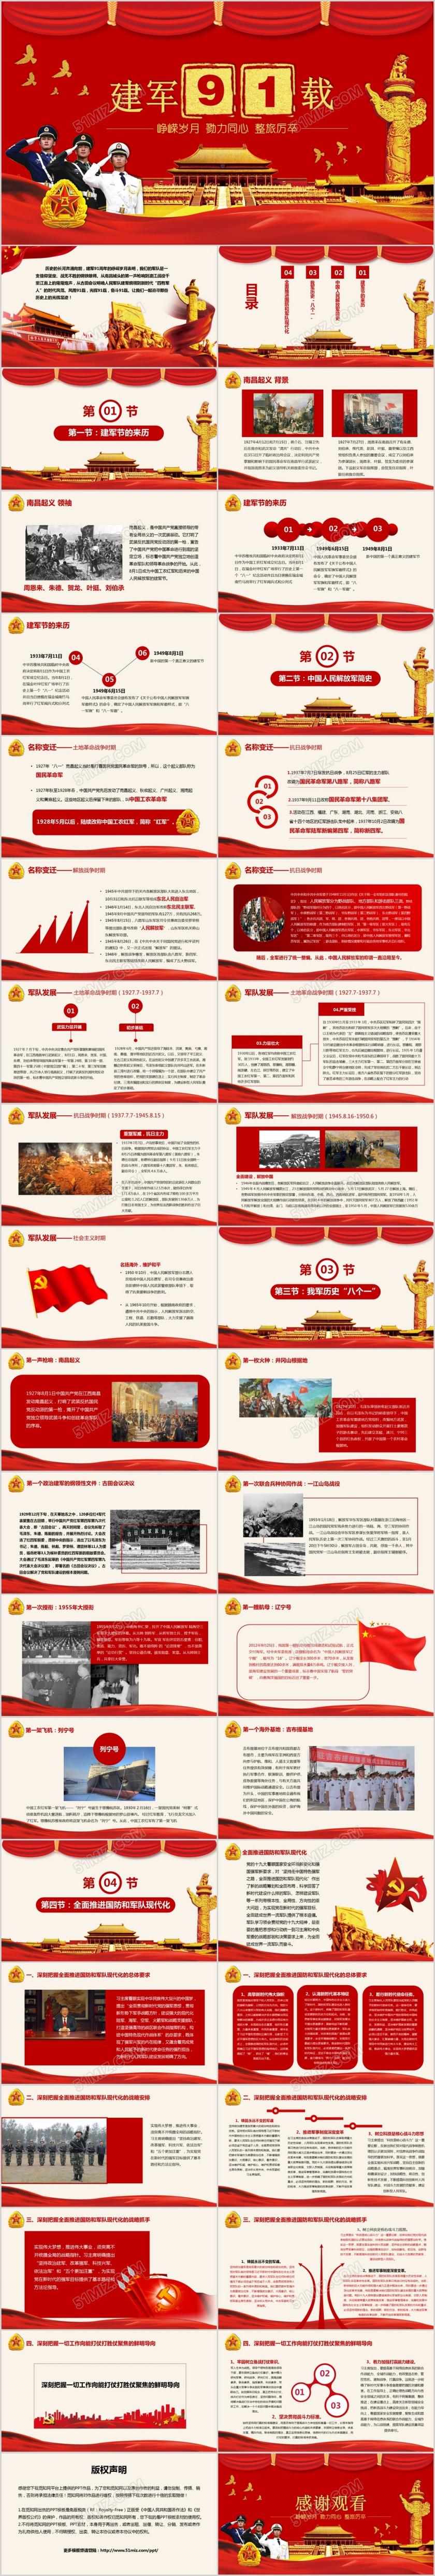 八一建军节回顾红色历史军事军队庆典党课党建PPT